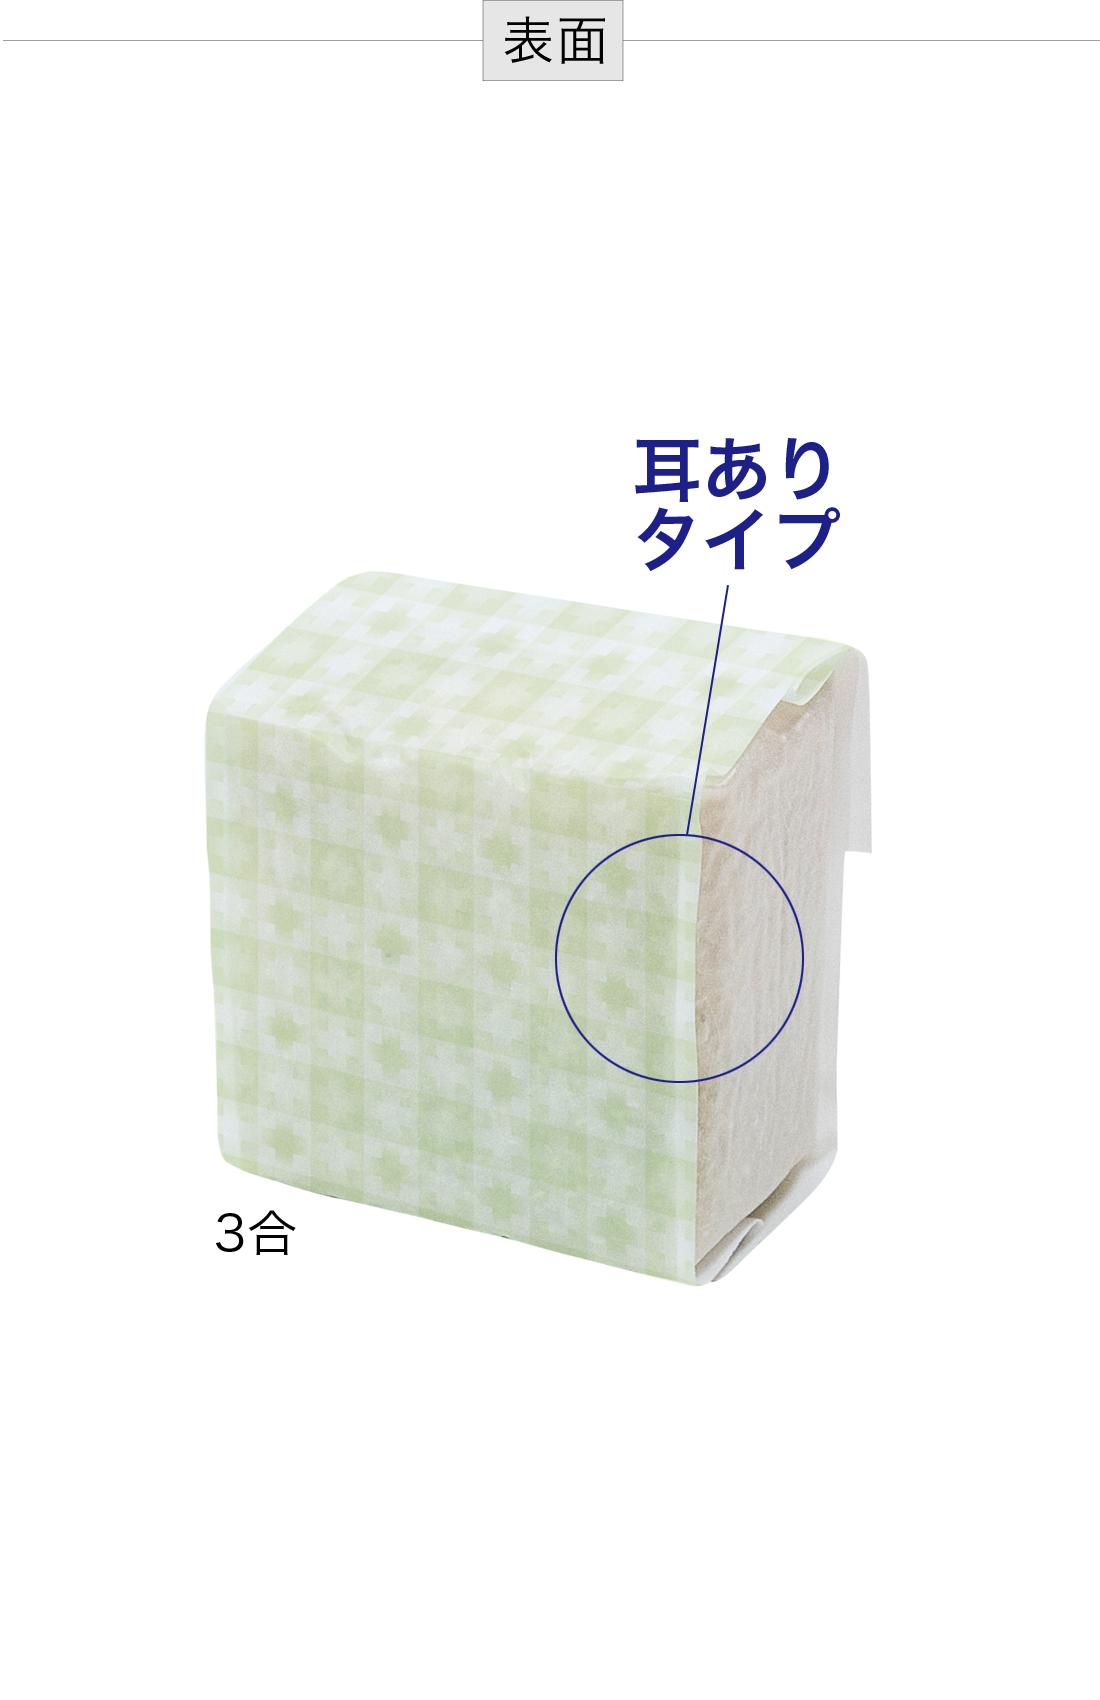 ミニ和紙包み(2〜3合用) わかくさ